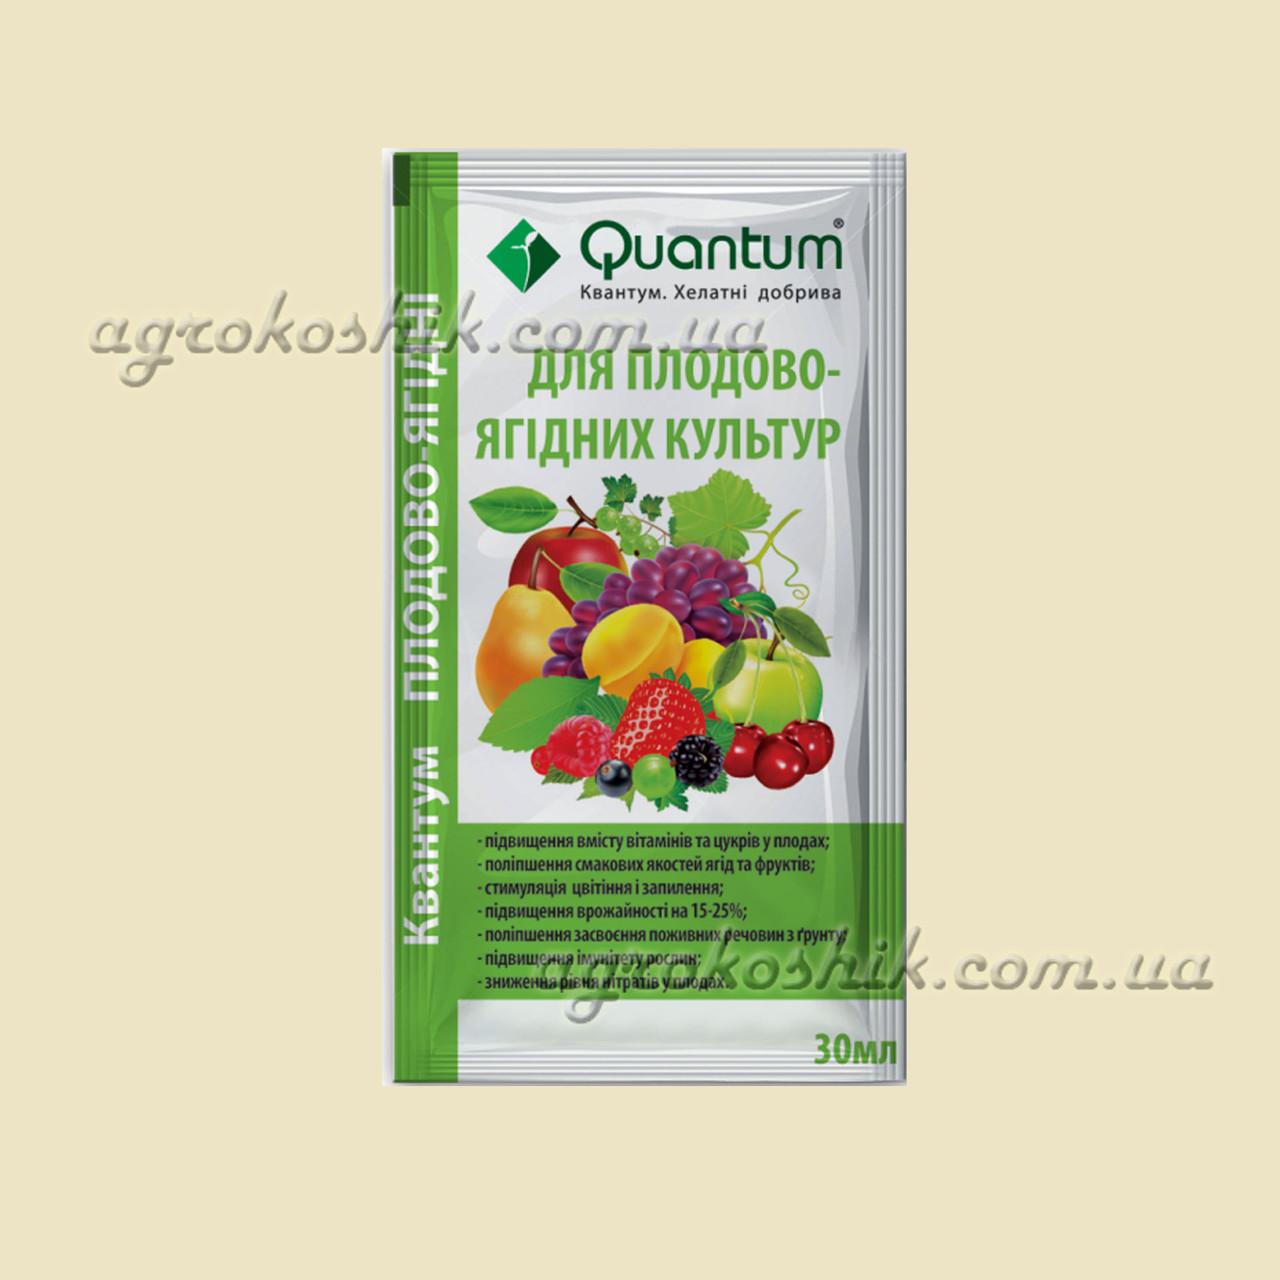 Для плодо-ягодных культур (quantum) 30 мл